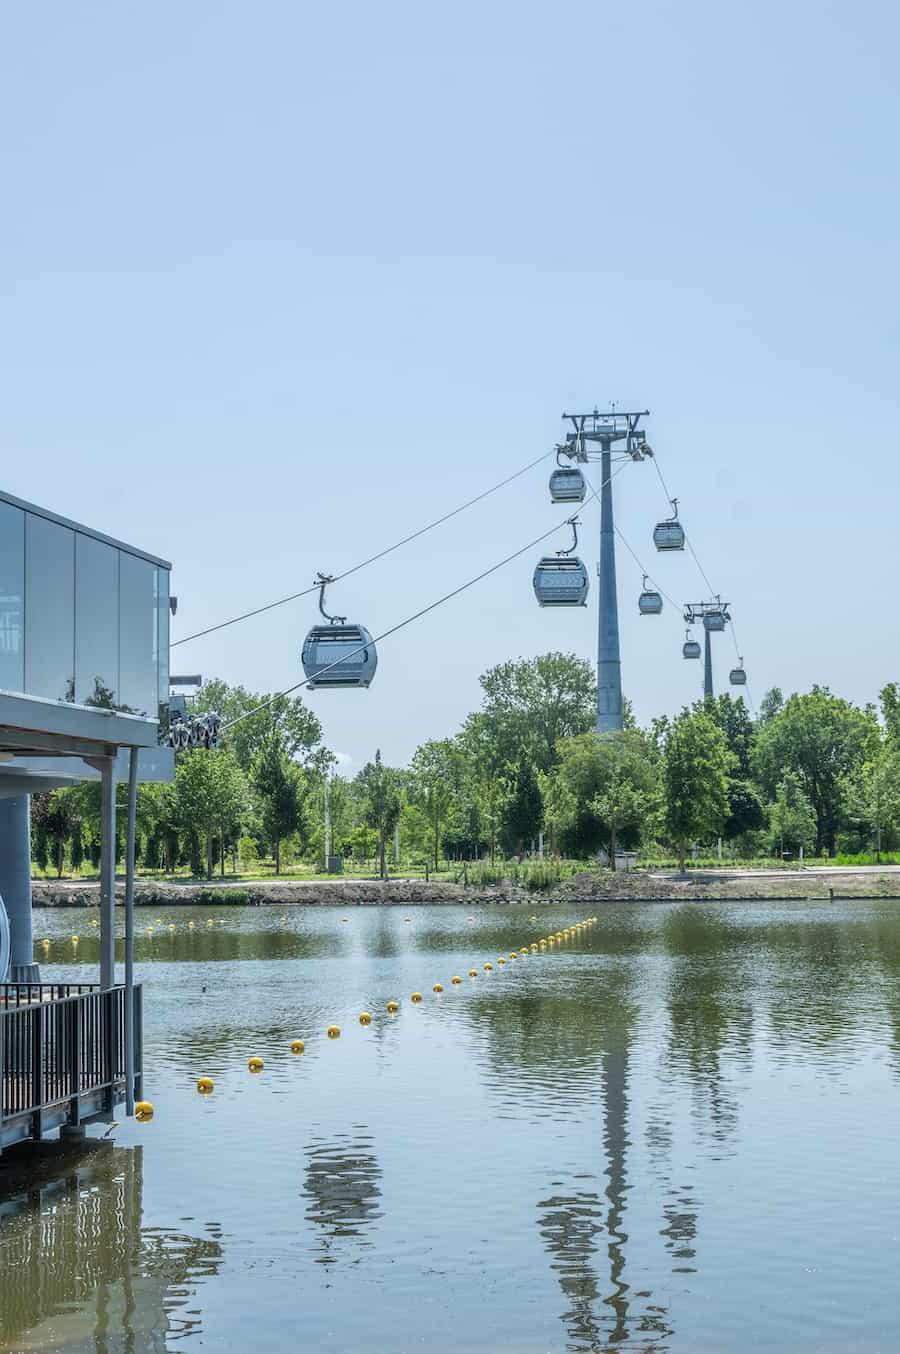 Floriade_2022 cable car